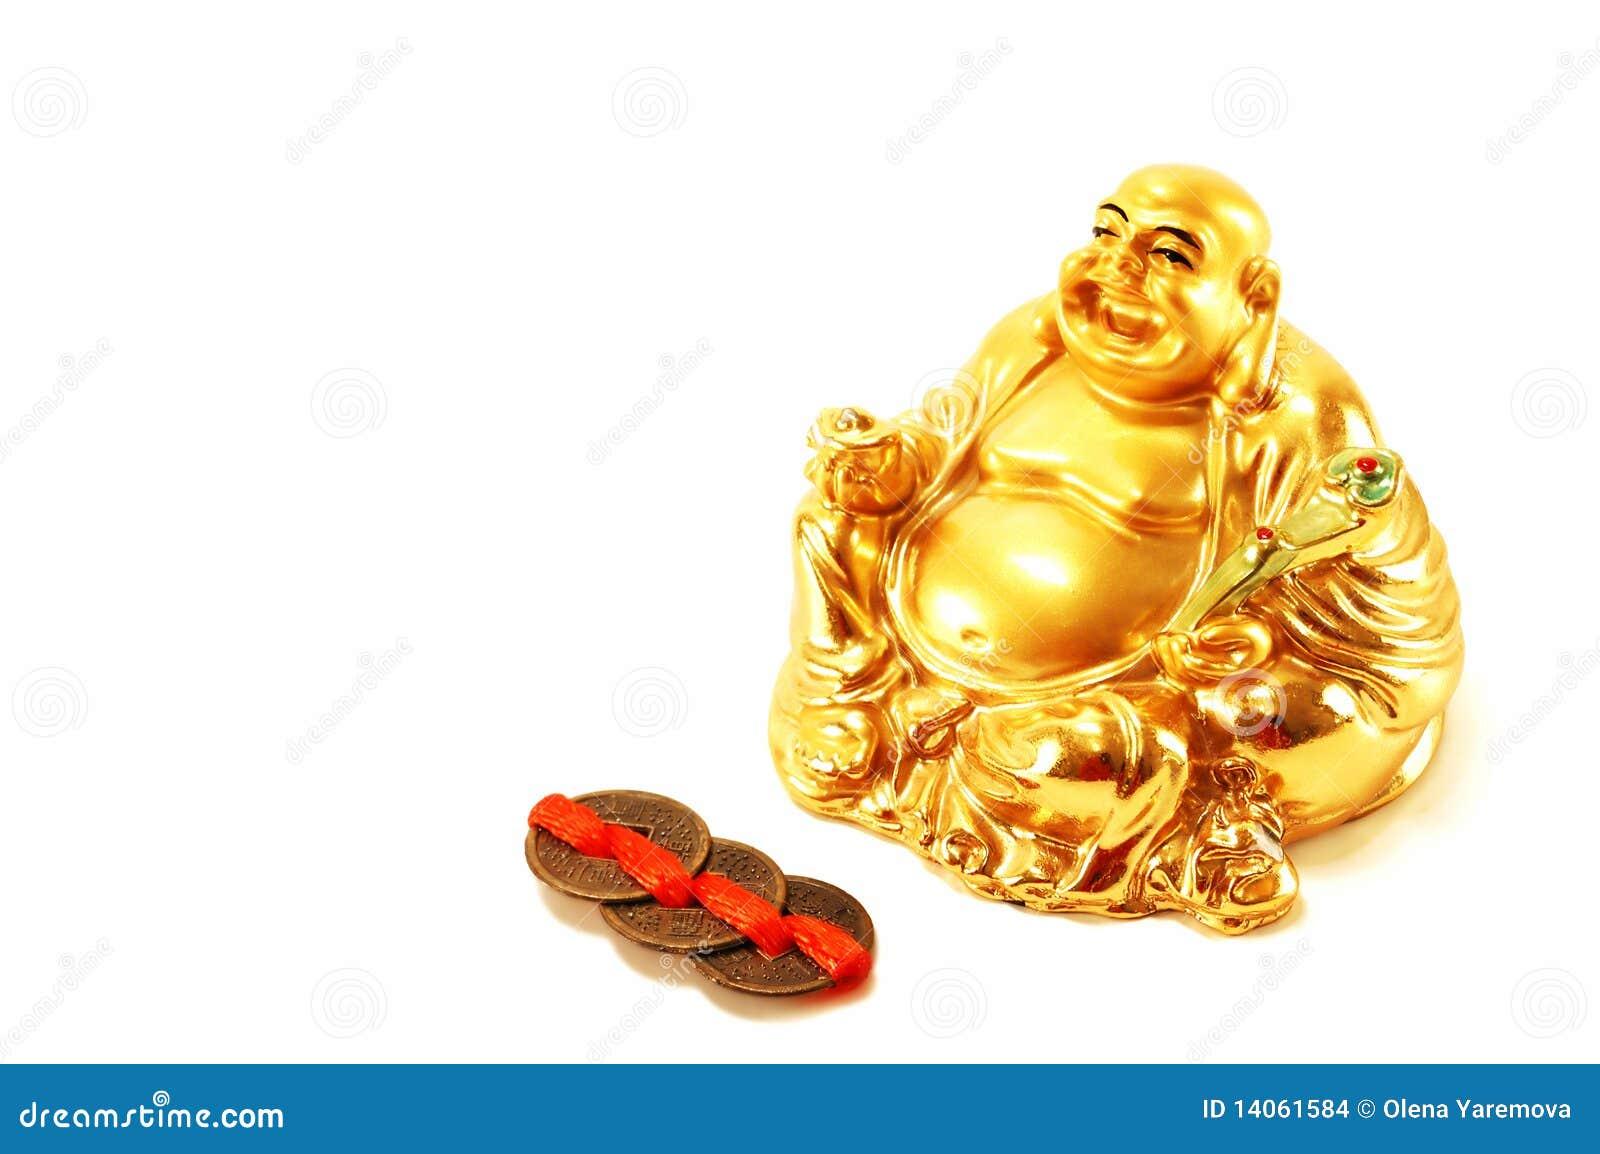 Feng shui god of wealth hott stock images image 14061584 - Imagenes feng shui ...